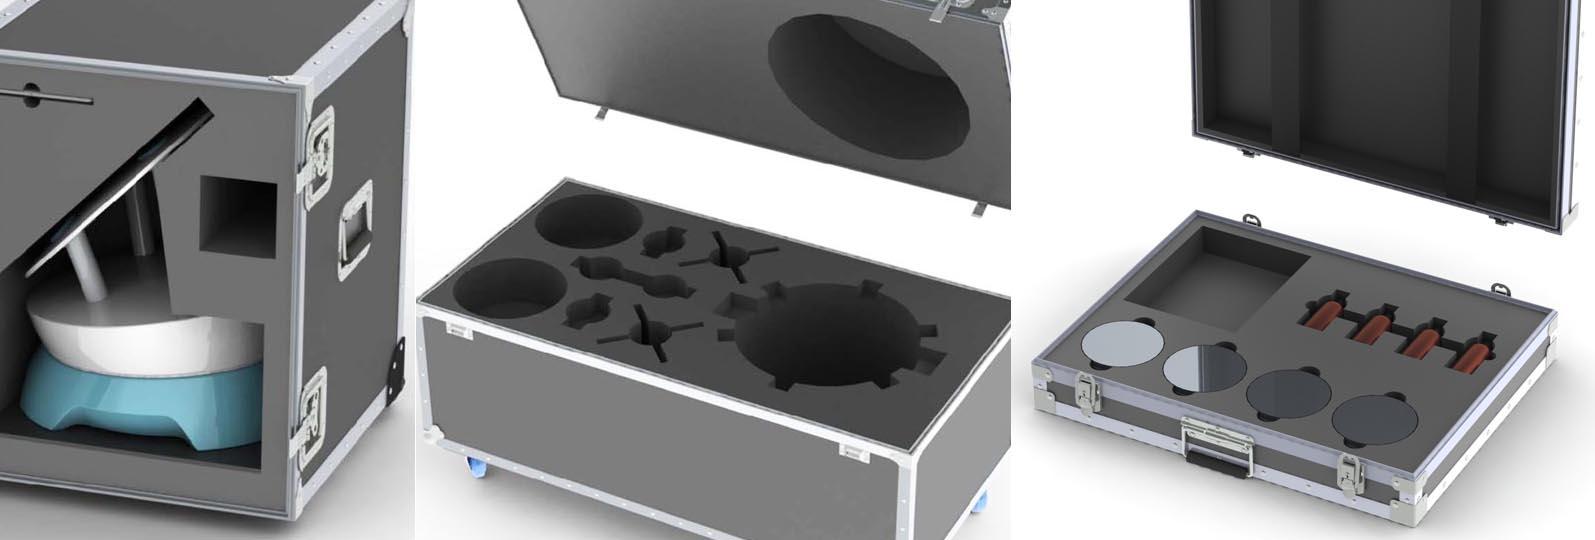 custom foam inserts from Wilson Case